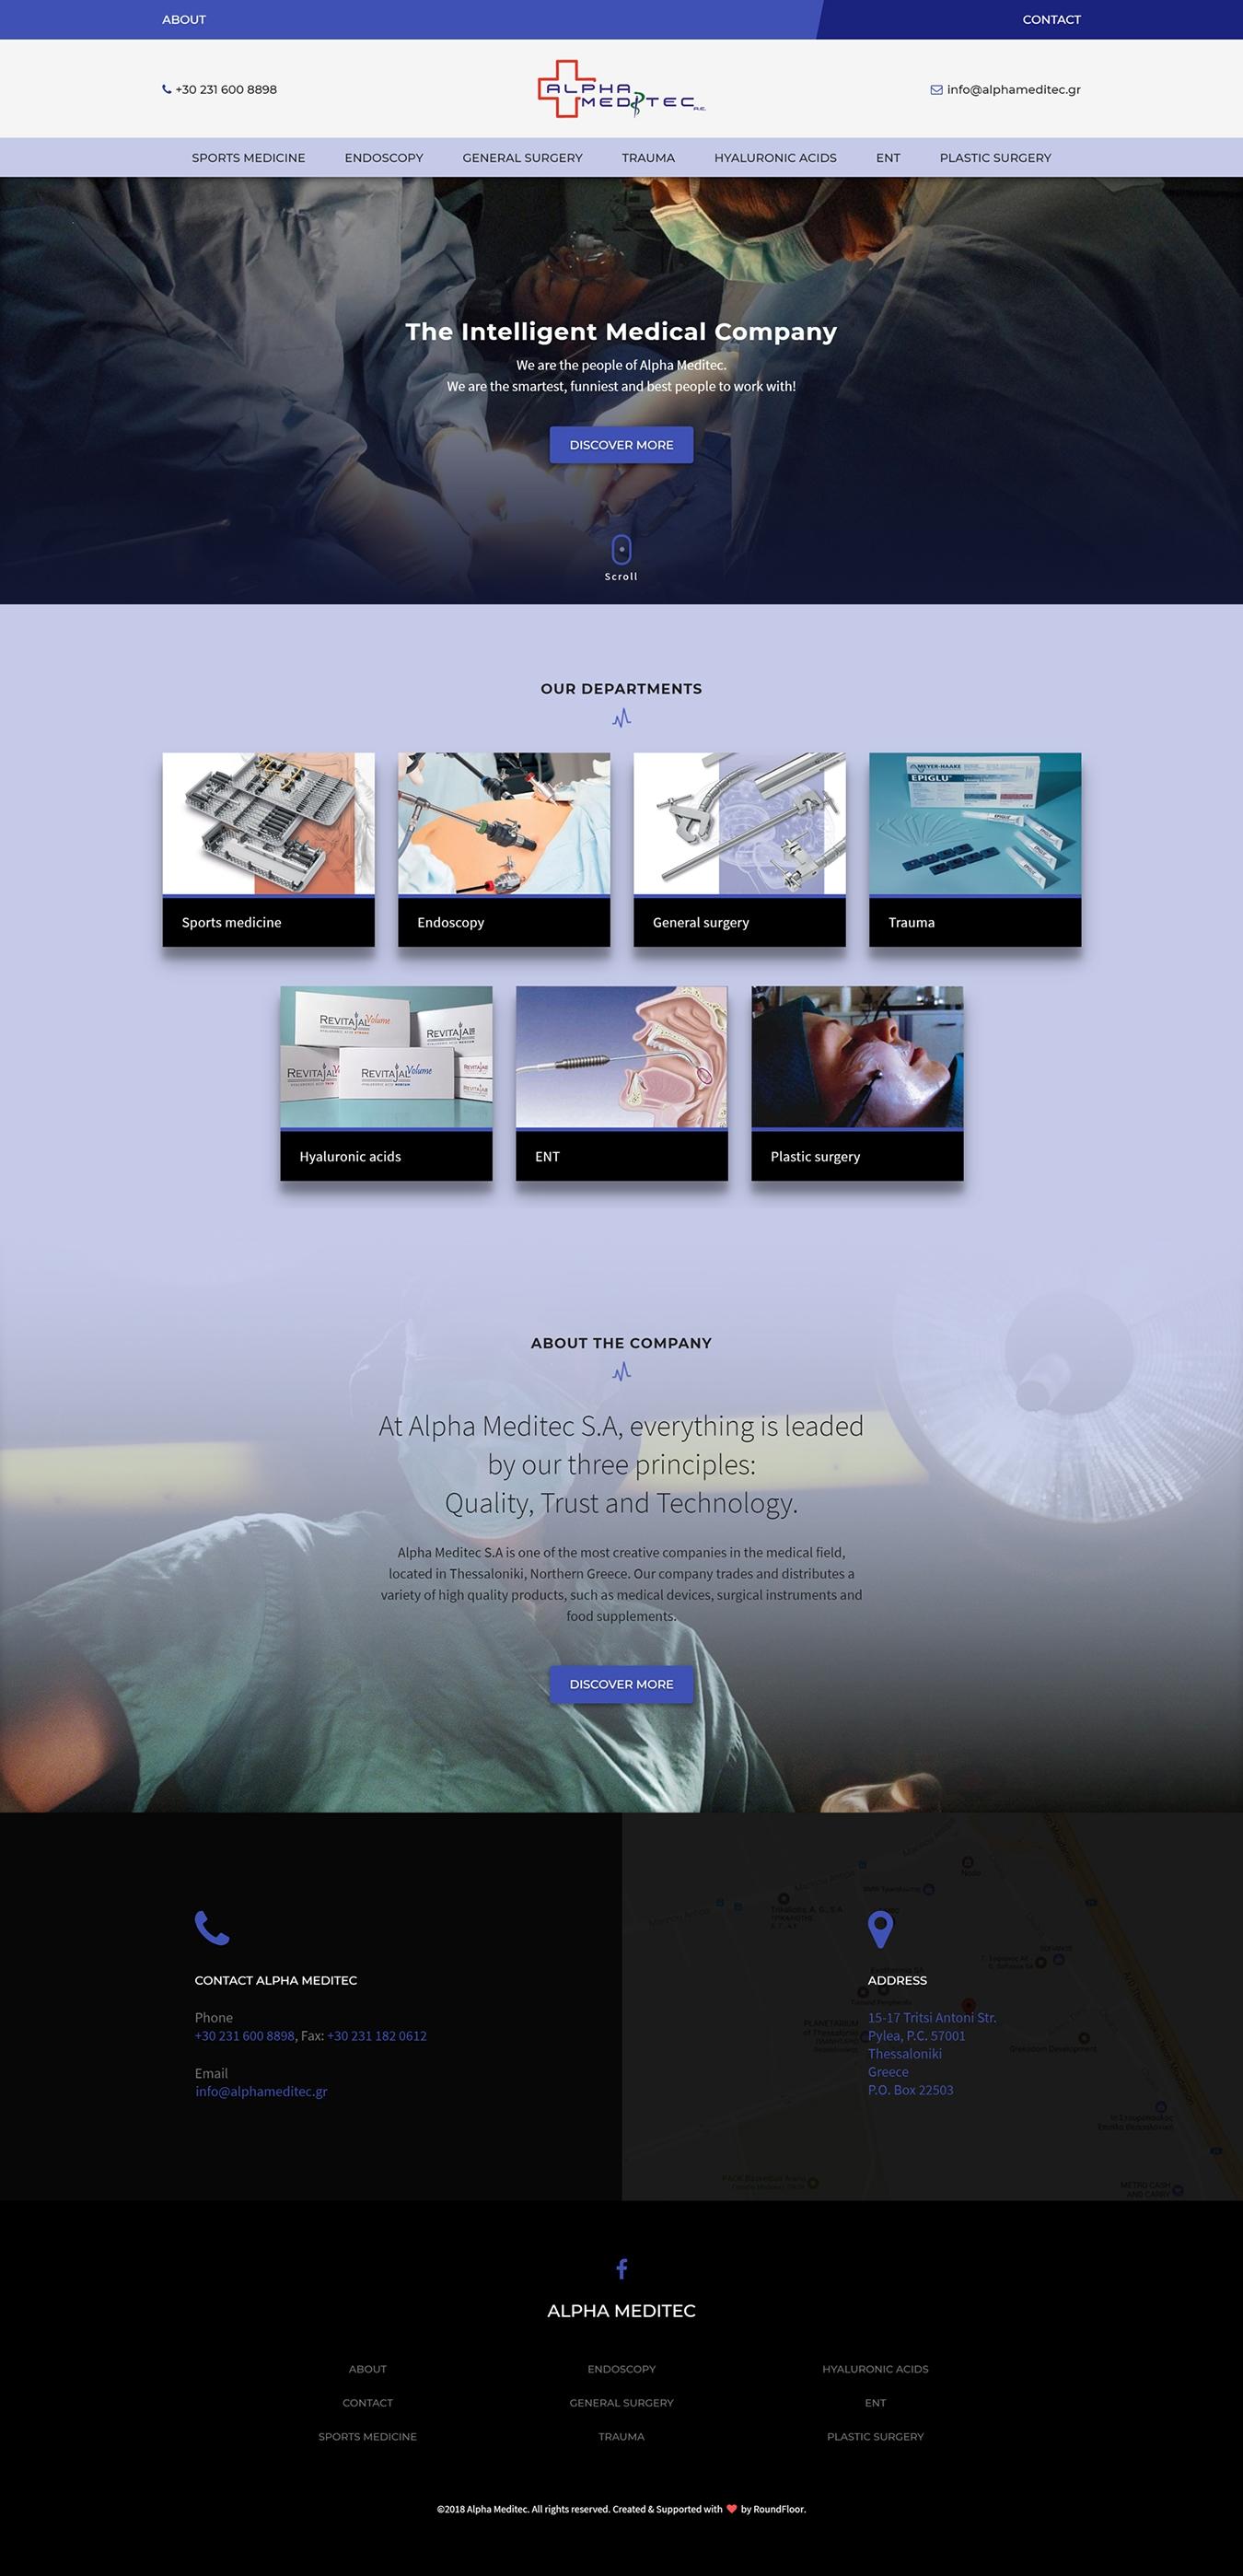 Κατασκευή ιστοσελίδας εταιρείας ιατρικού εξοπλισμού για την Alpha Meditec